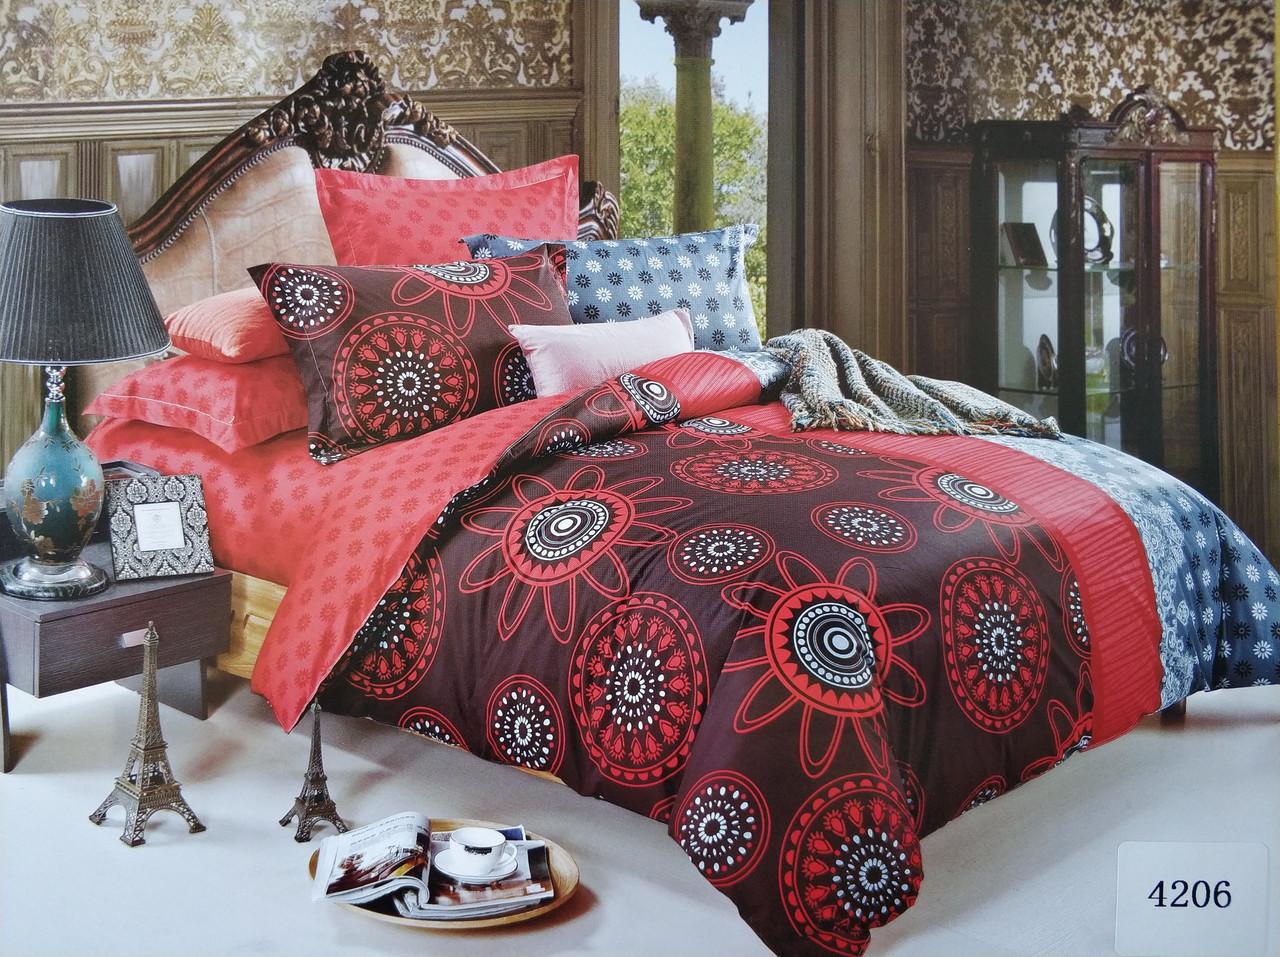 Сатиновое постельное белье евро 4206 «Абстракция» от ELWAY